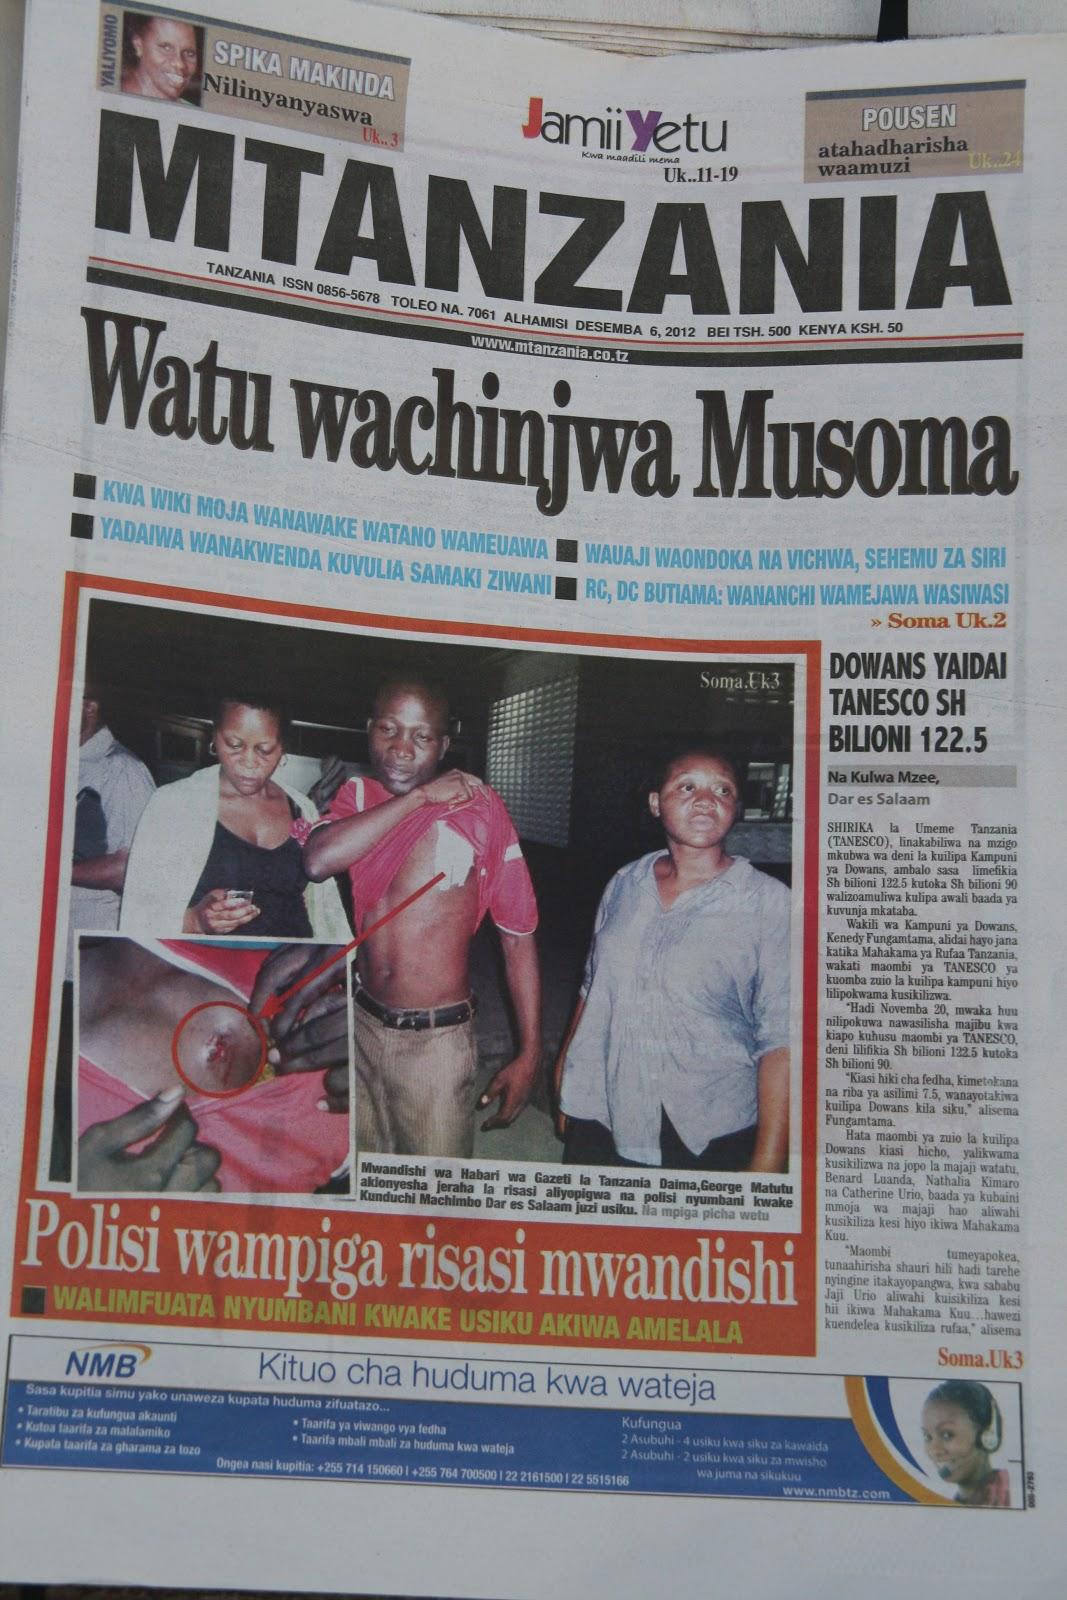 Matako makubwa blog picha matako makubwa tanzania uchi wanawake